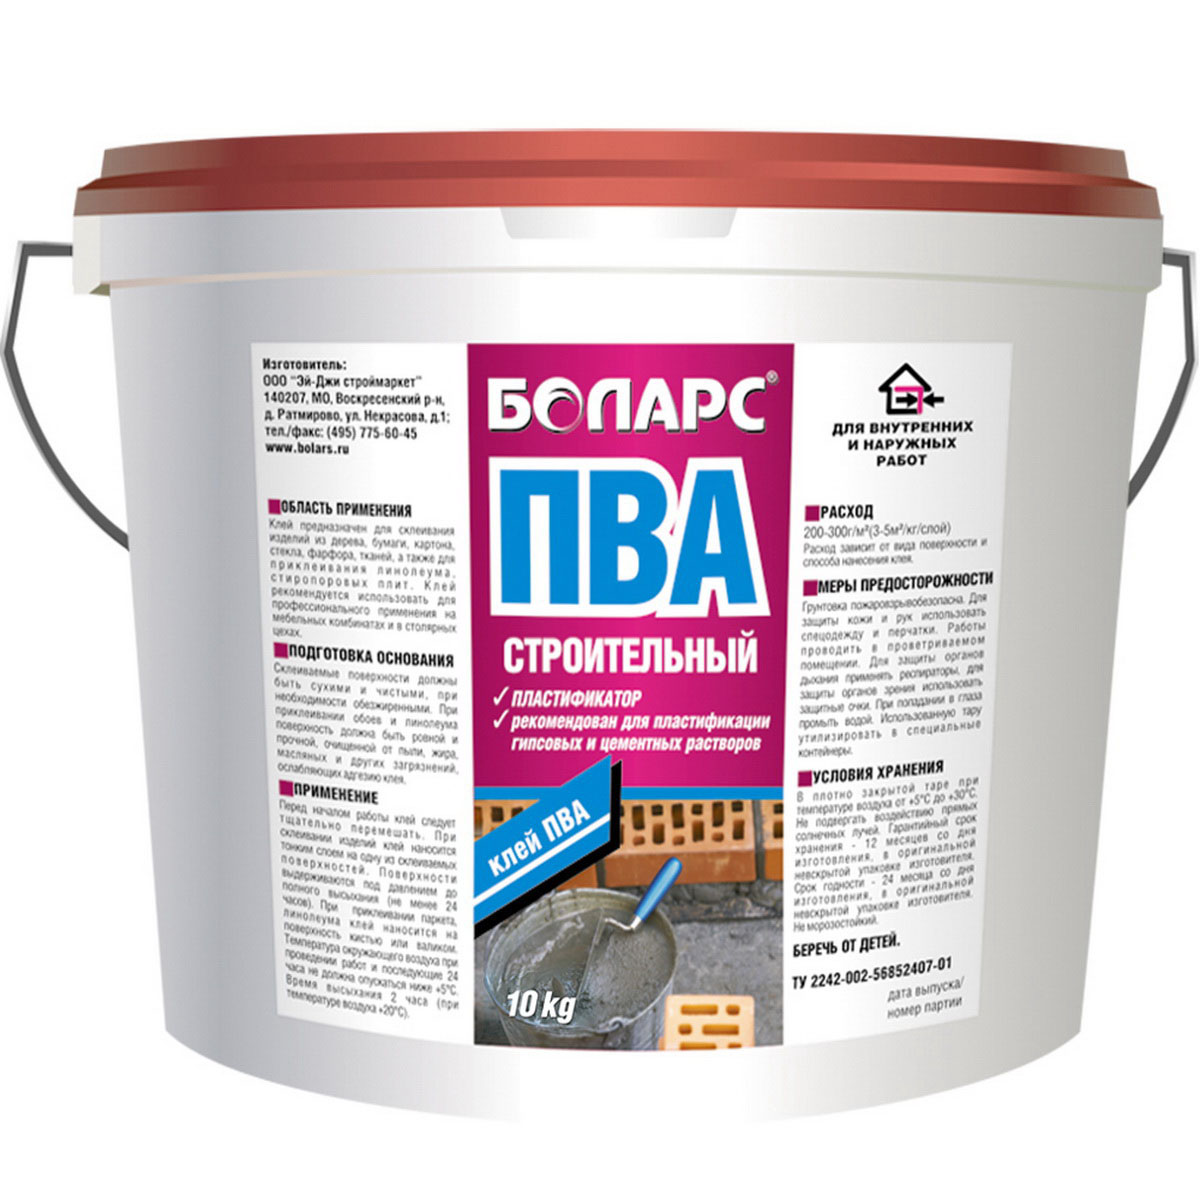 Клей ПВА Боларс, пластификатор, 10 кг00000000438Клей ПВА Боларс предназначен для пластификации строительных растворов. Может применяться в цементных, гипсовых составах для повышения эластичности и адгезии используемых растворов. Подходит для внутренних и наружных работ. Состав: поливинилацетатная дисперсия, технологические добавки, вода.Цвет: белый.pH: 5,5-7,0.Расход: 200-300 г/л.Морозостойкость: 5 циклов.Температура проведения работ: +5°С +30°С.Температура эксплуатации: +5°С +40°С.Размораживать продукт следует при комнатной температуре в оригинальной таре изготовителя. Гарантийный срок хранения – 12 месяцев со дня изготовления, в оригинальной невскрытой упаковке изготовителя.Срок годности – 24 месяца со дня изготовления, в оригинальной невскрытой упаковке изготовителя.